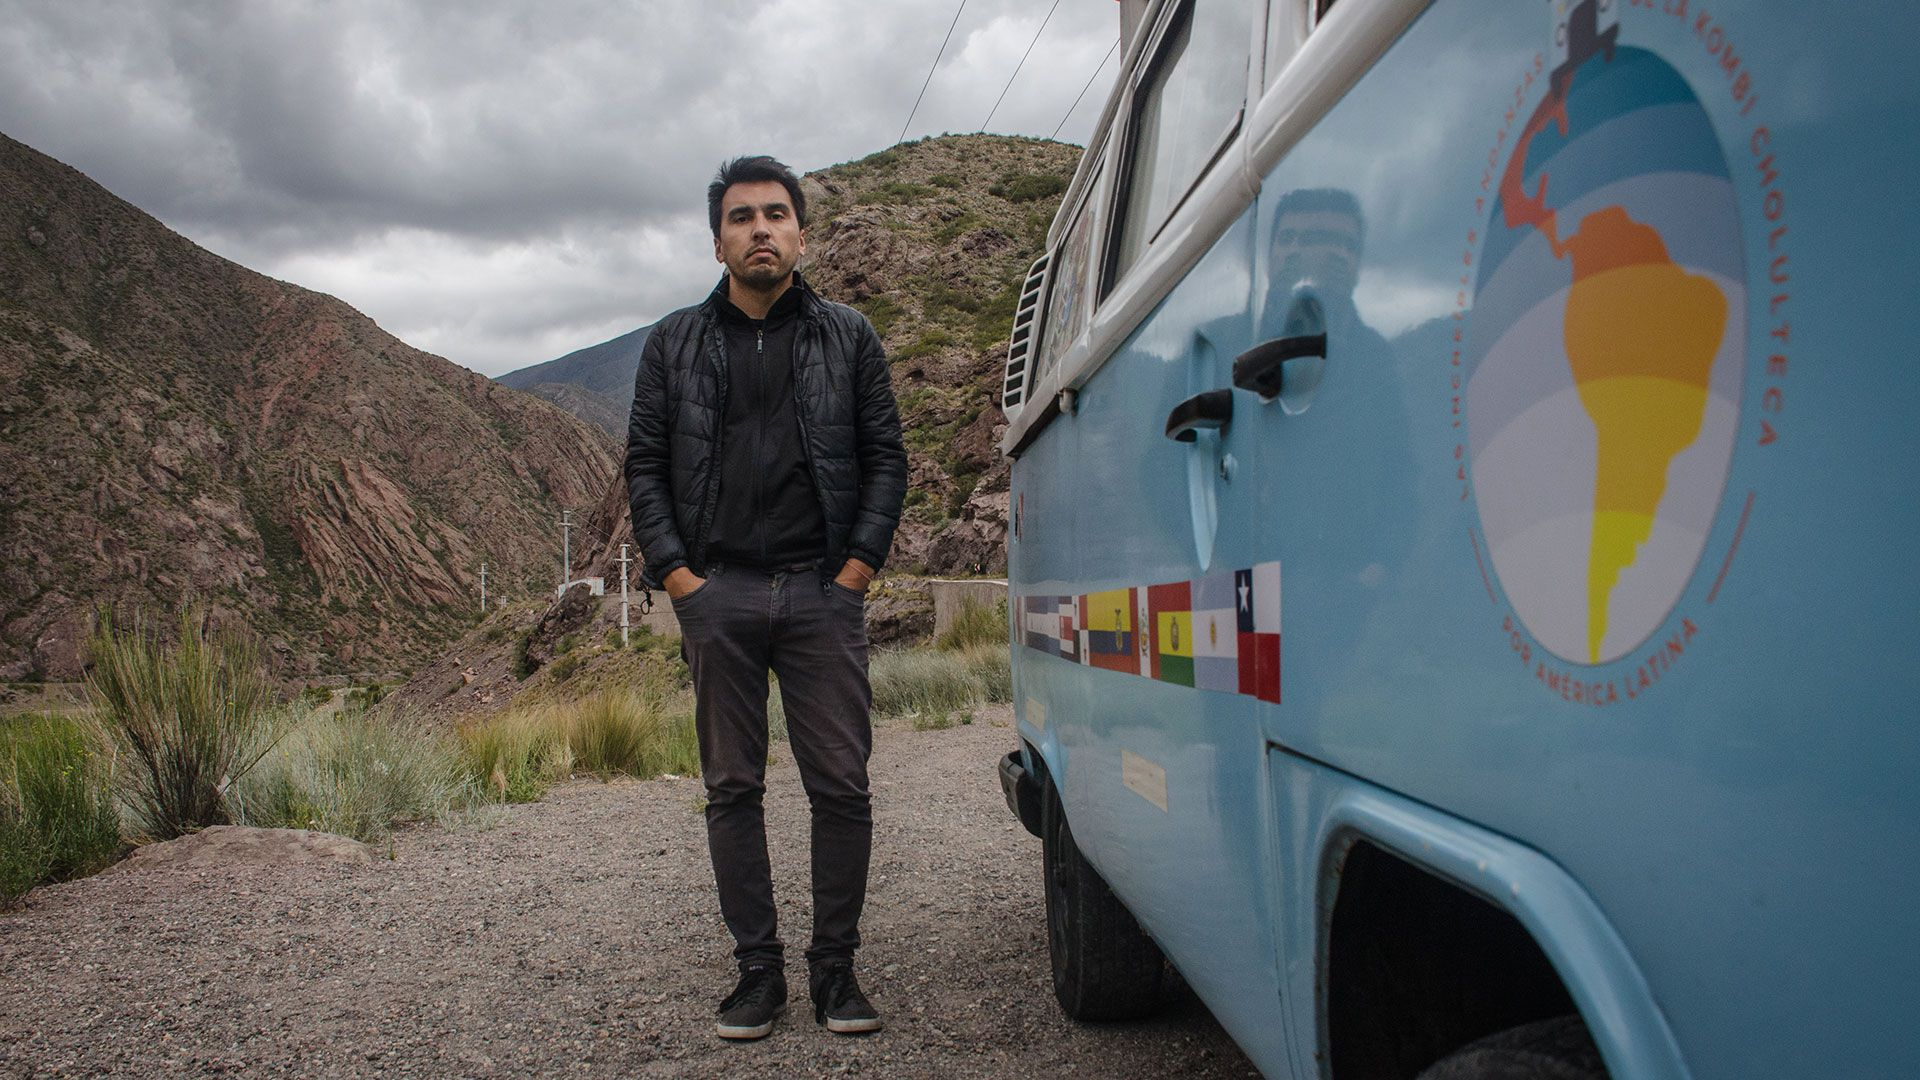 Bruno Iriarte recorrió 30 mil kilómetros en su combi